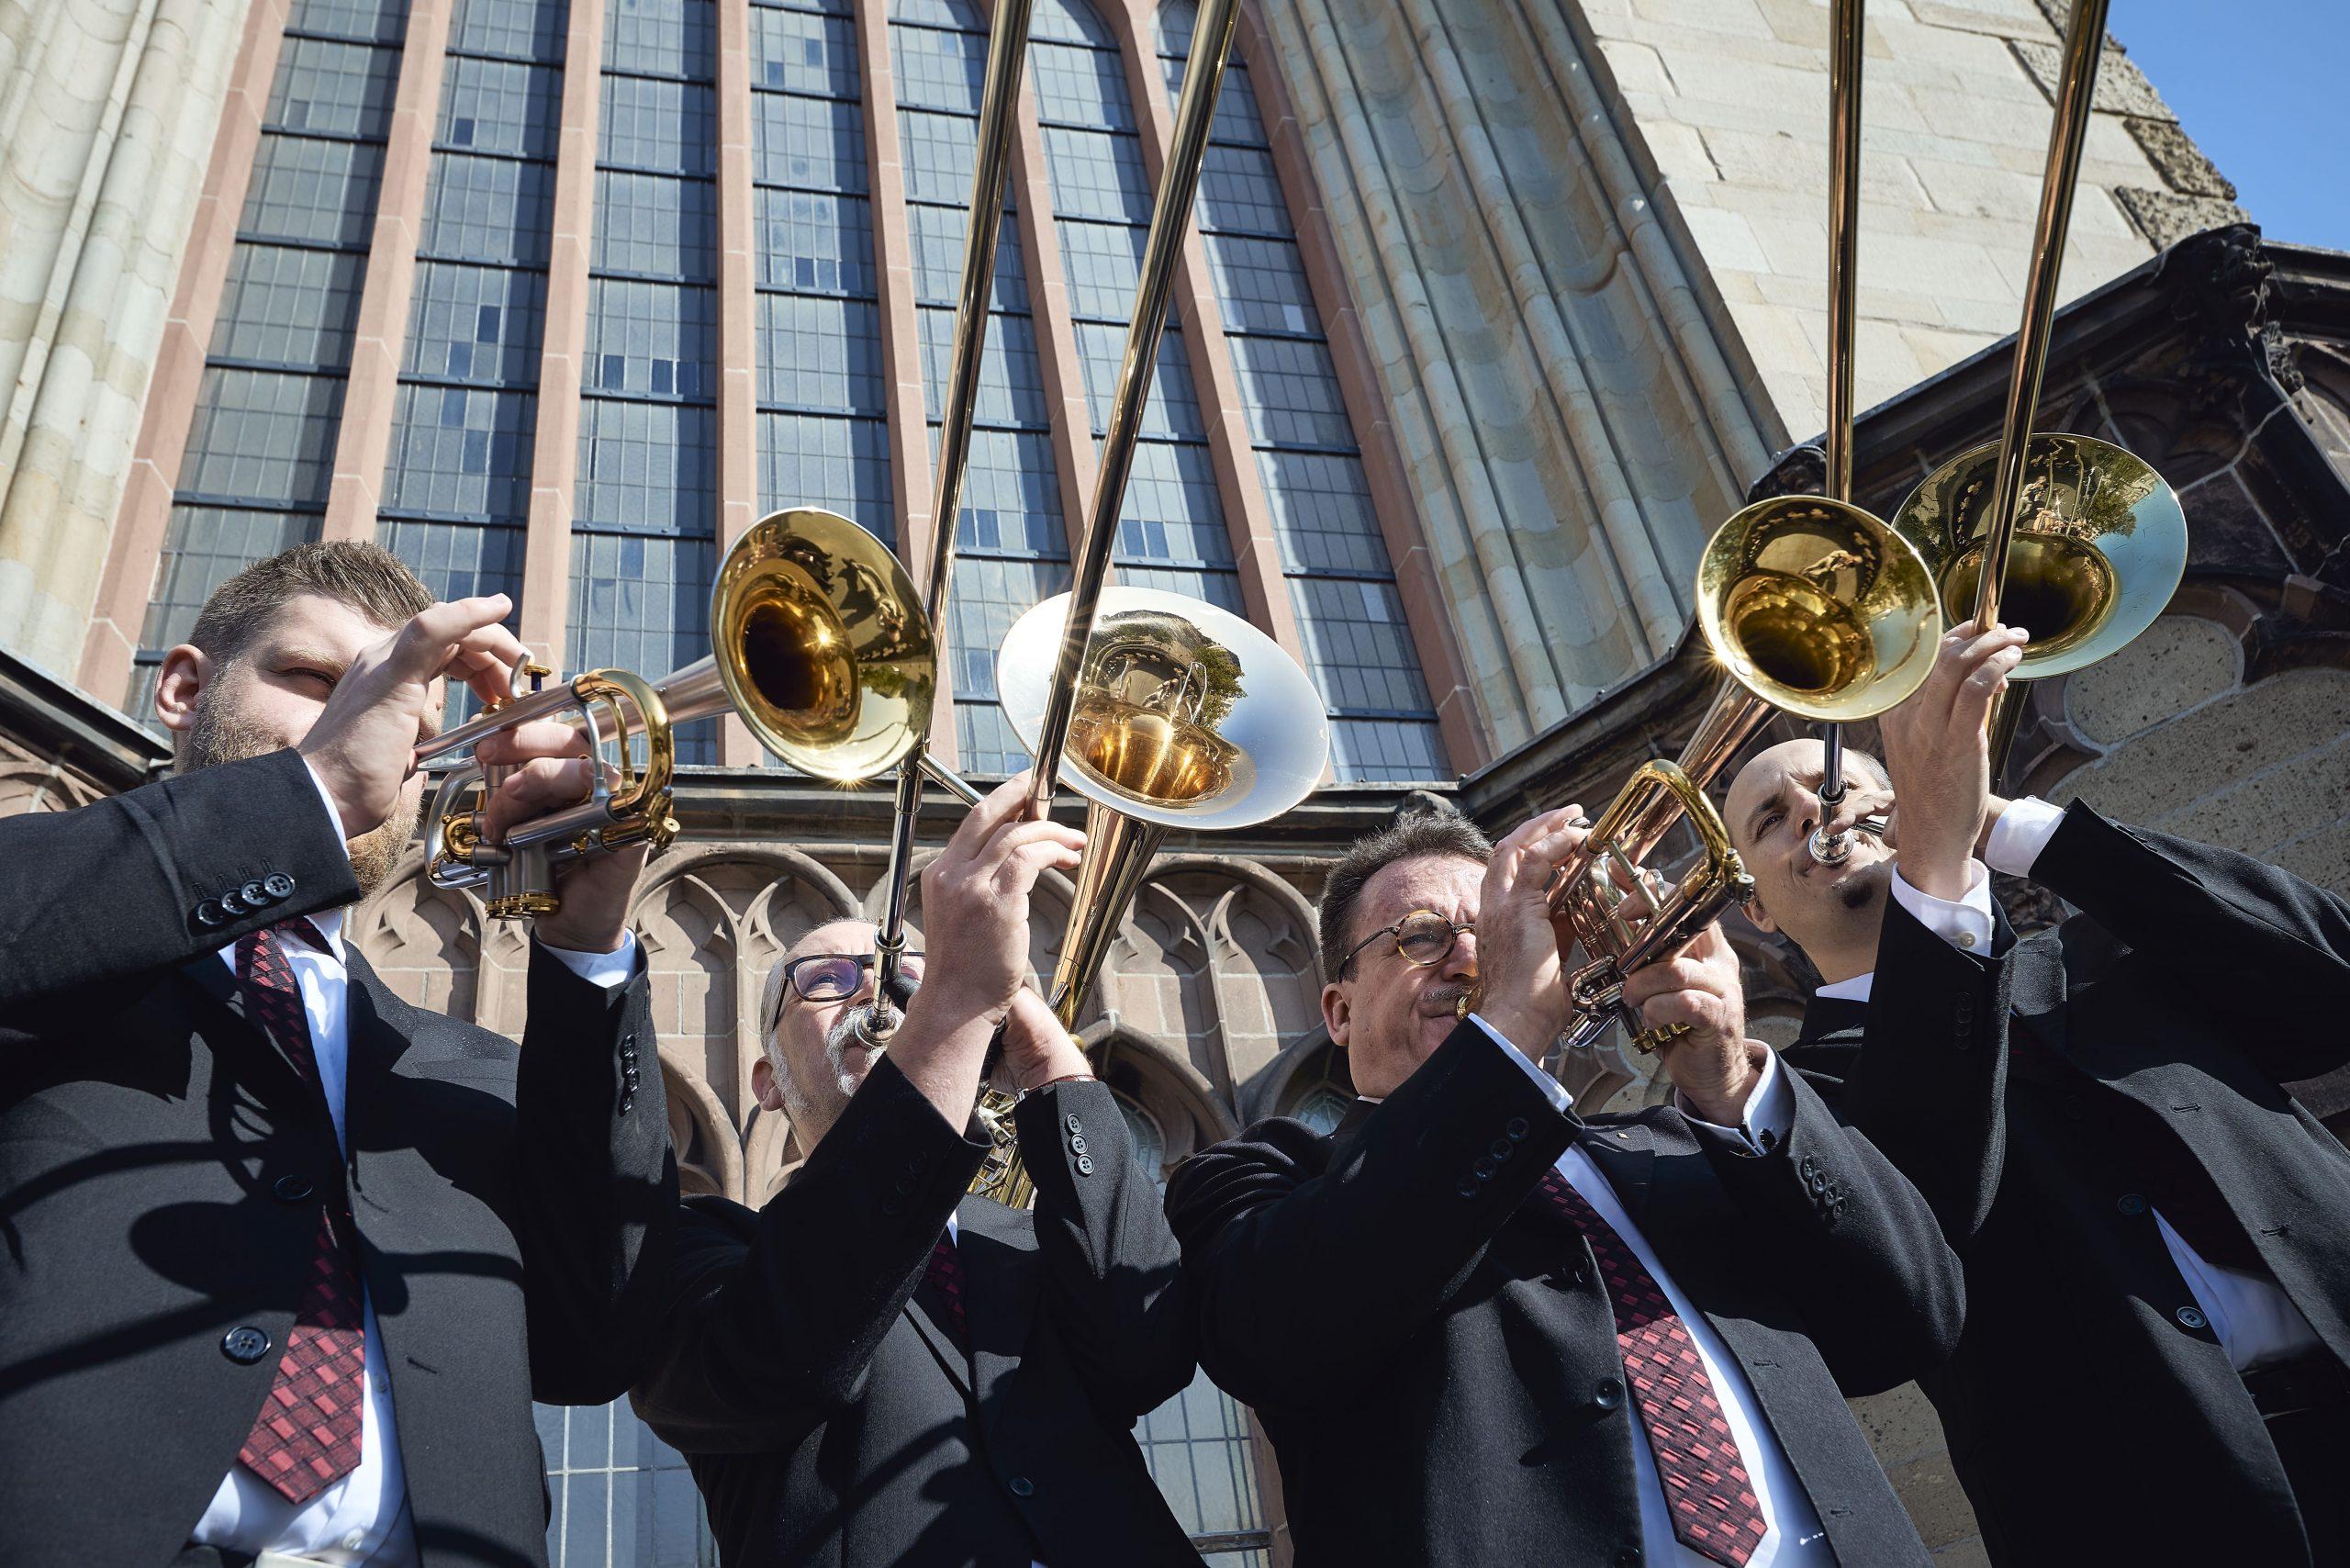 Brassquartett goes Christmas! Die Kölner Turmbläser mit weihnachtlichem Programm